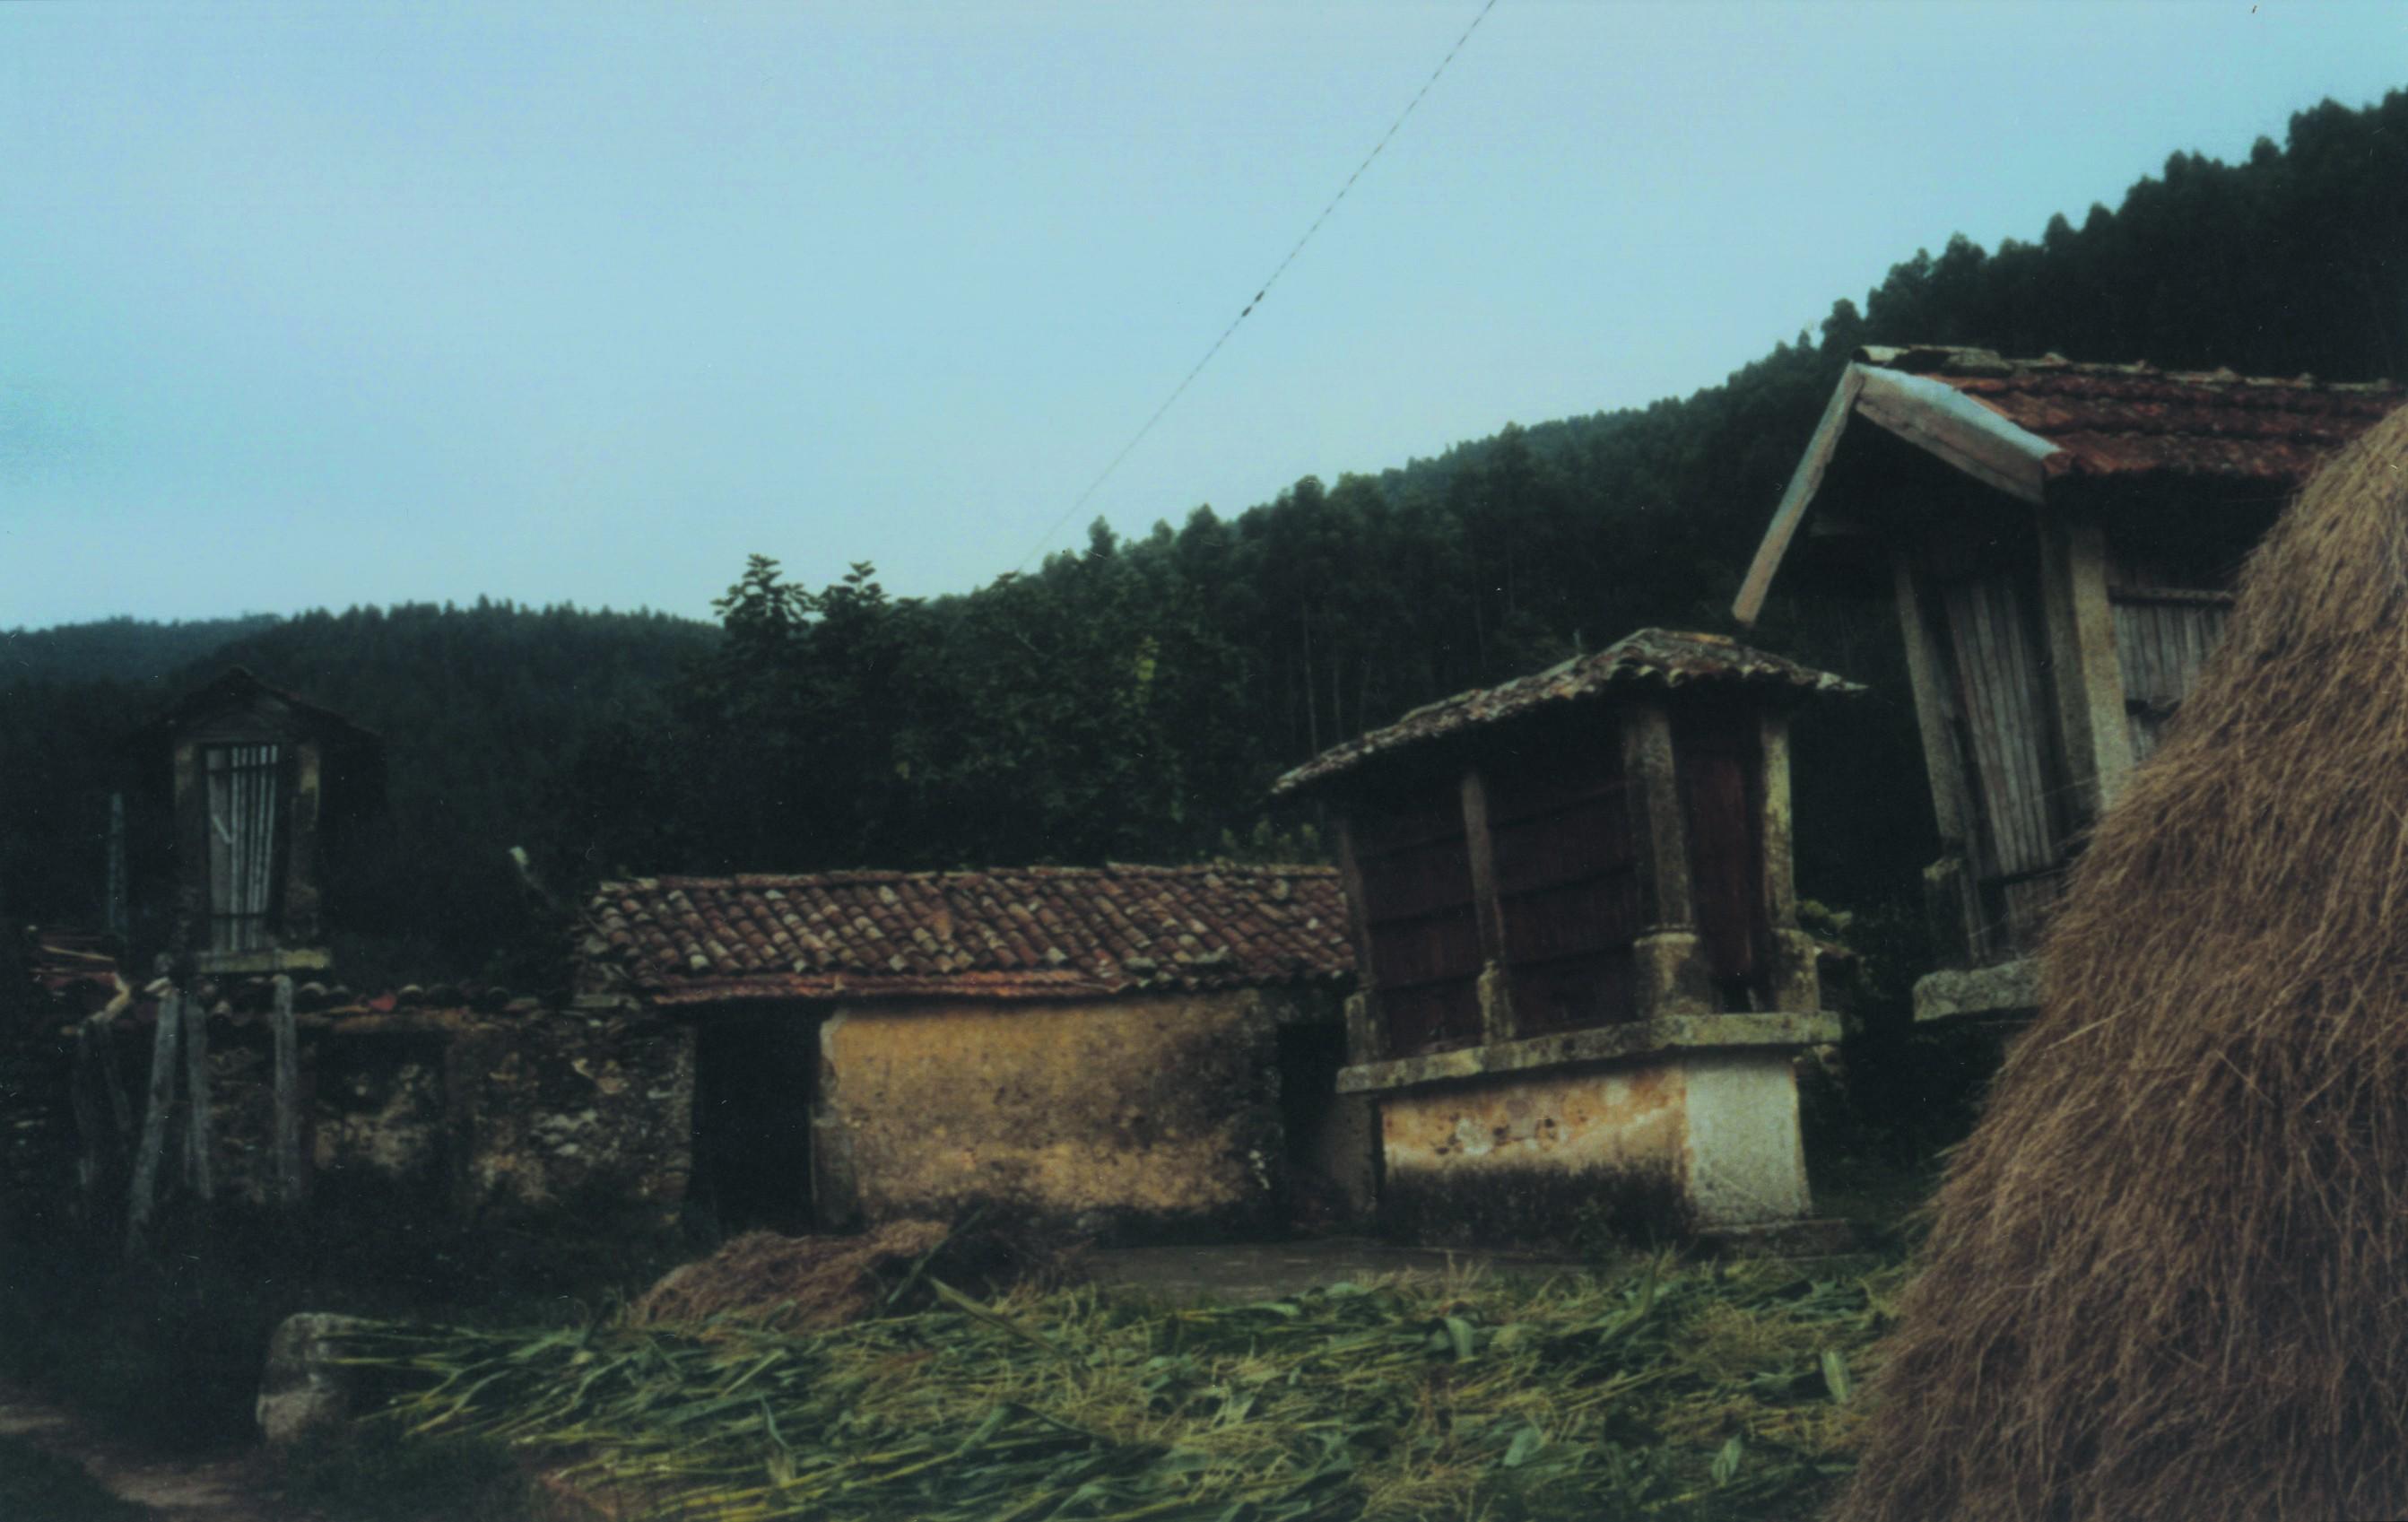 Espigueiros de Vilarinho de S. Luís, Palmaz (1999)